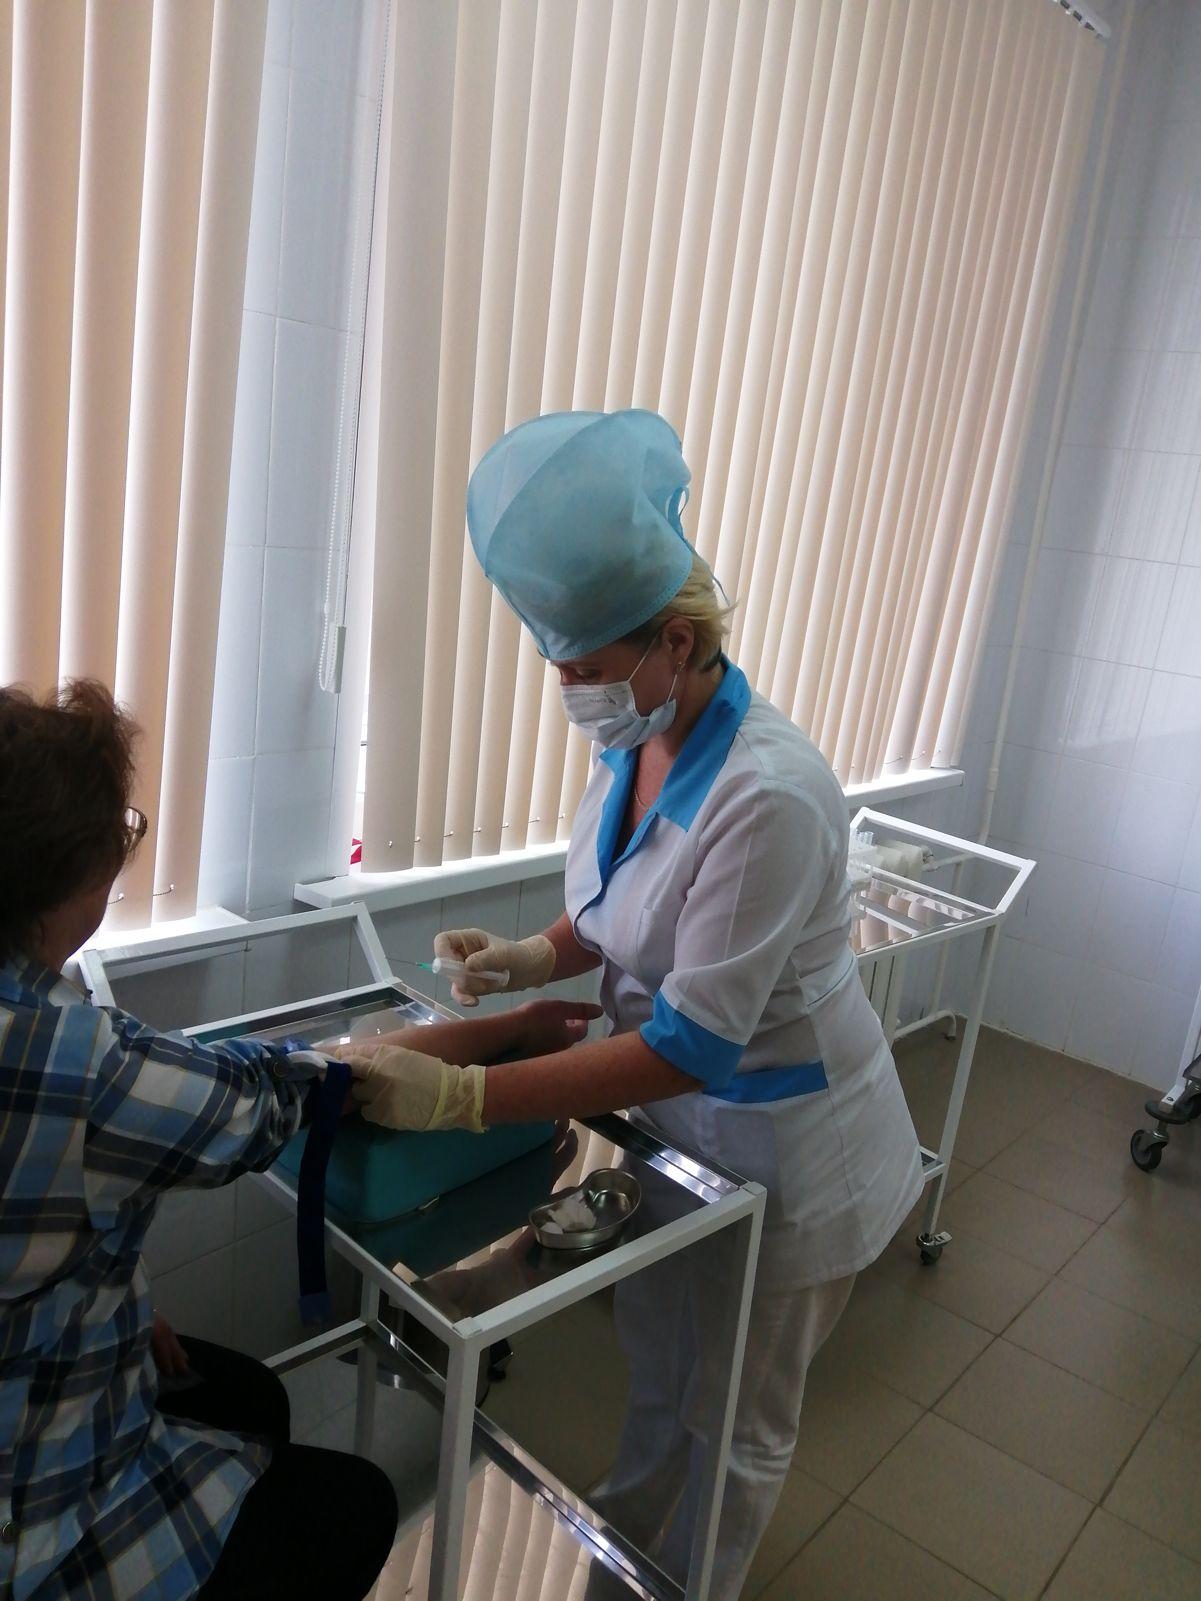 Более 2 тысяч сельских жителей старше 65 лет бесплатно доставили в больницы для прохождения диспансеризации